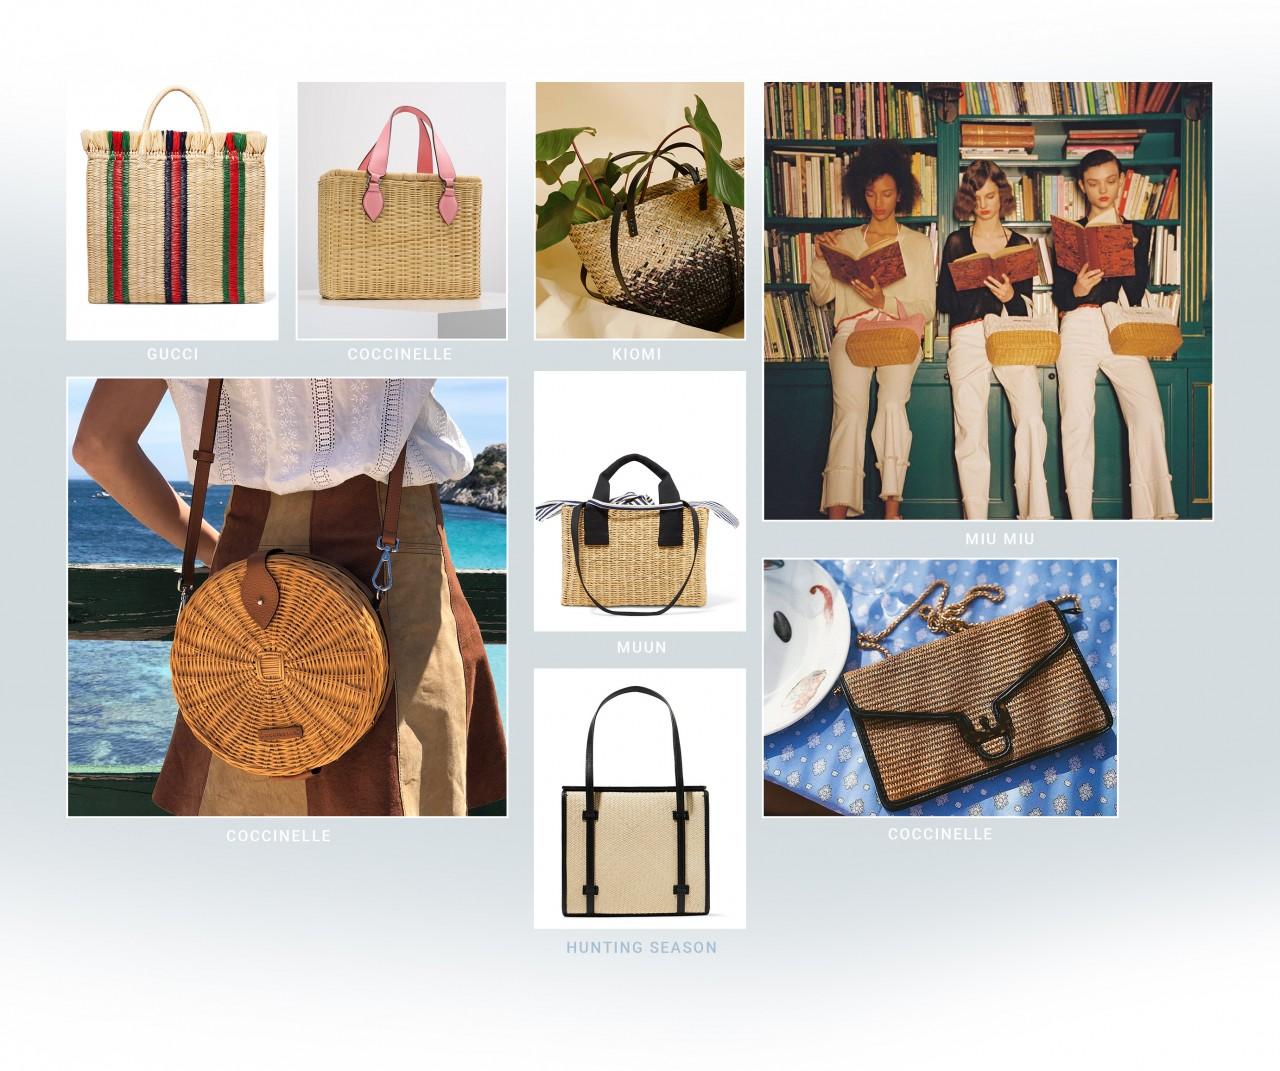 От ведерок до корзинок: 20 самых летних сумок